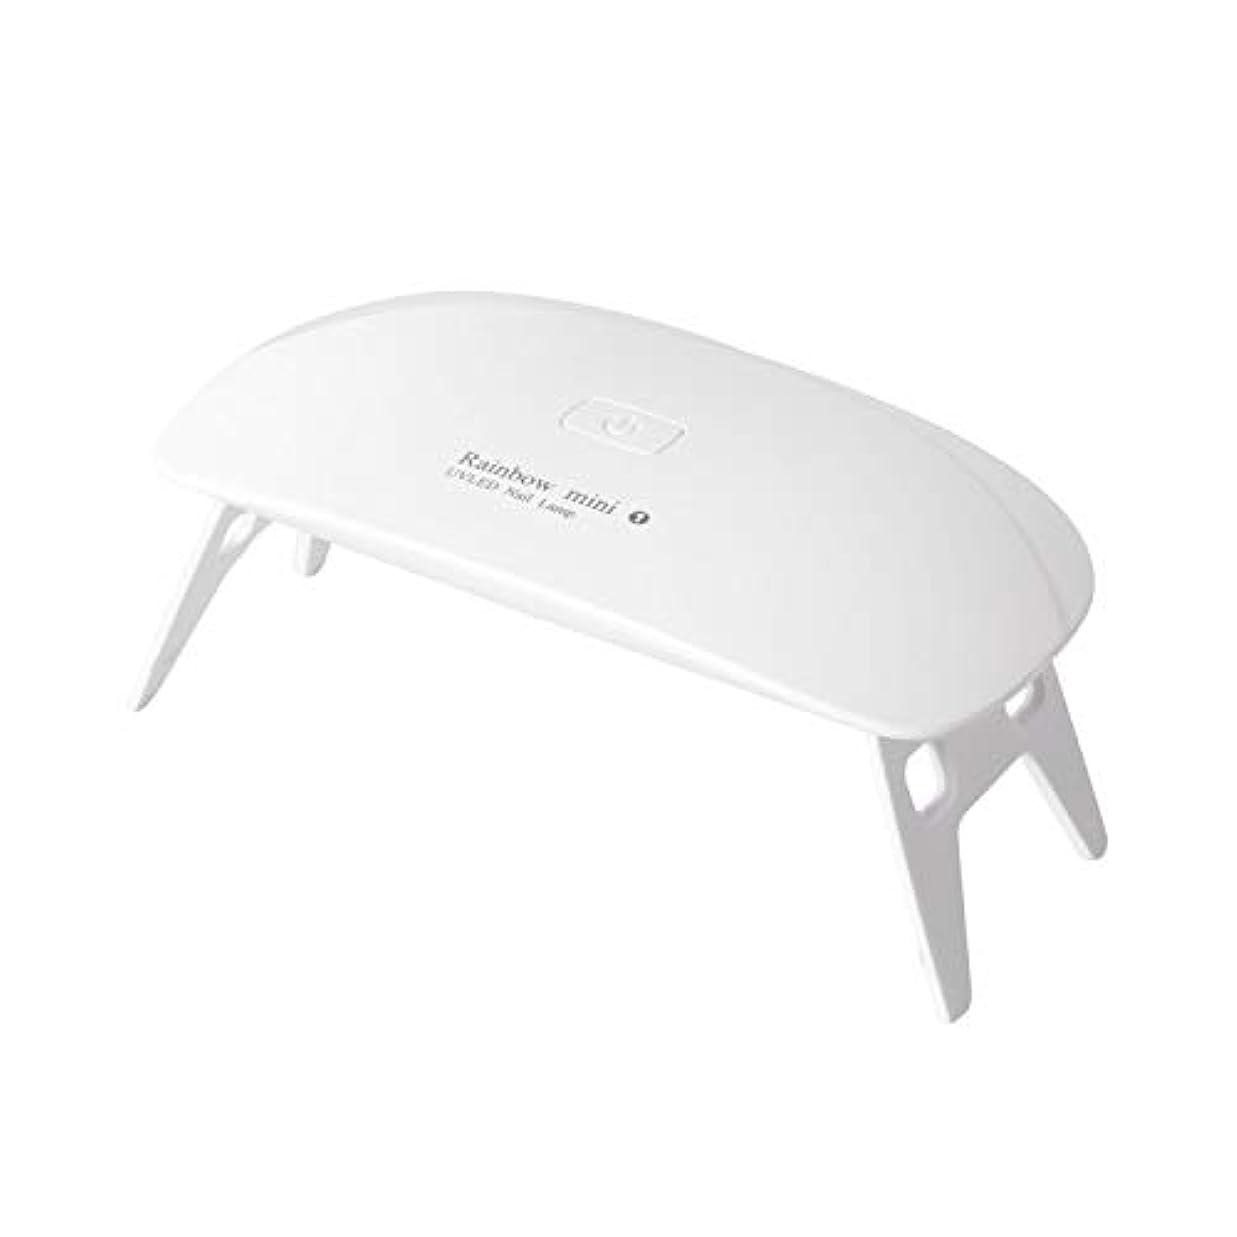 スカルクいわゆる争いLEDネイルドライヤー AmoVee UVライト 硬化用UVライト タイマー設定可能 折りたたみ式 ジェルネイル用 ホワイト